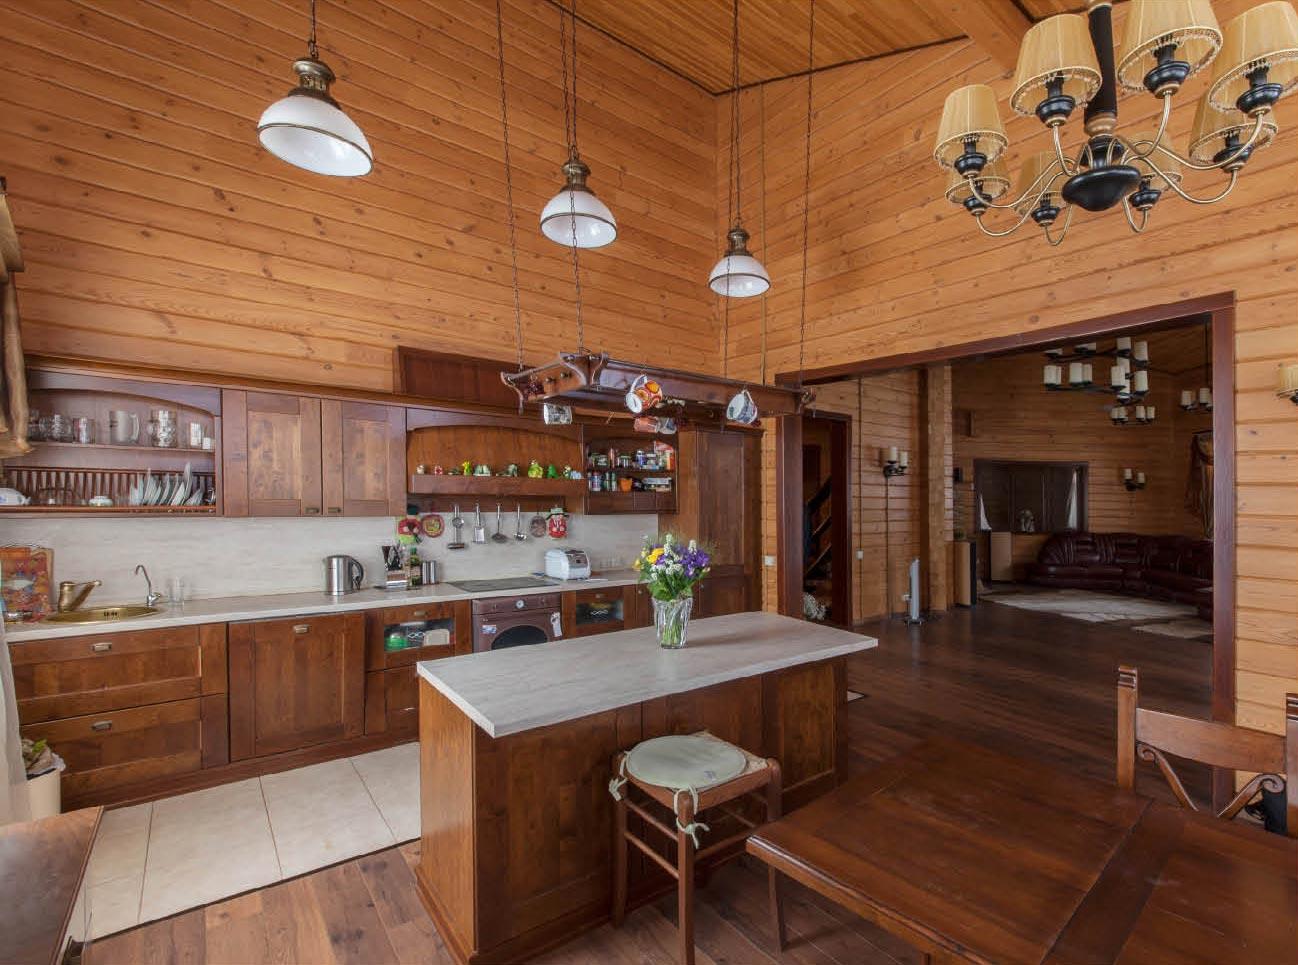 Натуральный материал для отделки кухни - деревянная вагонка.